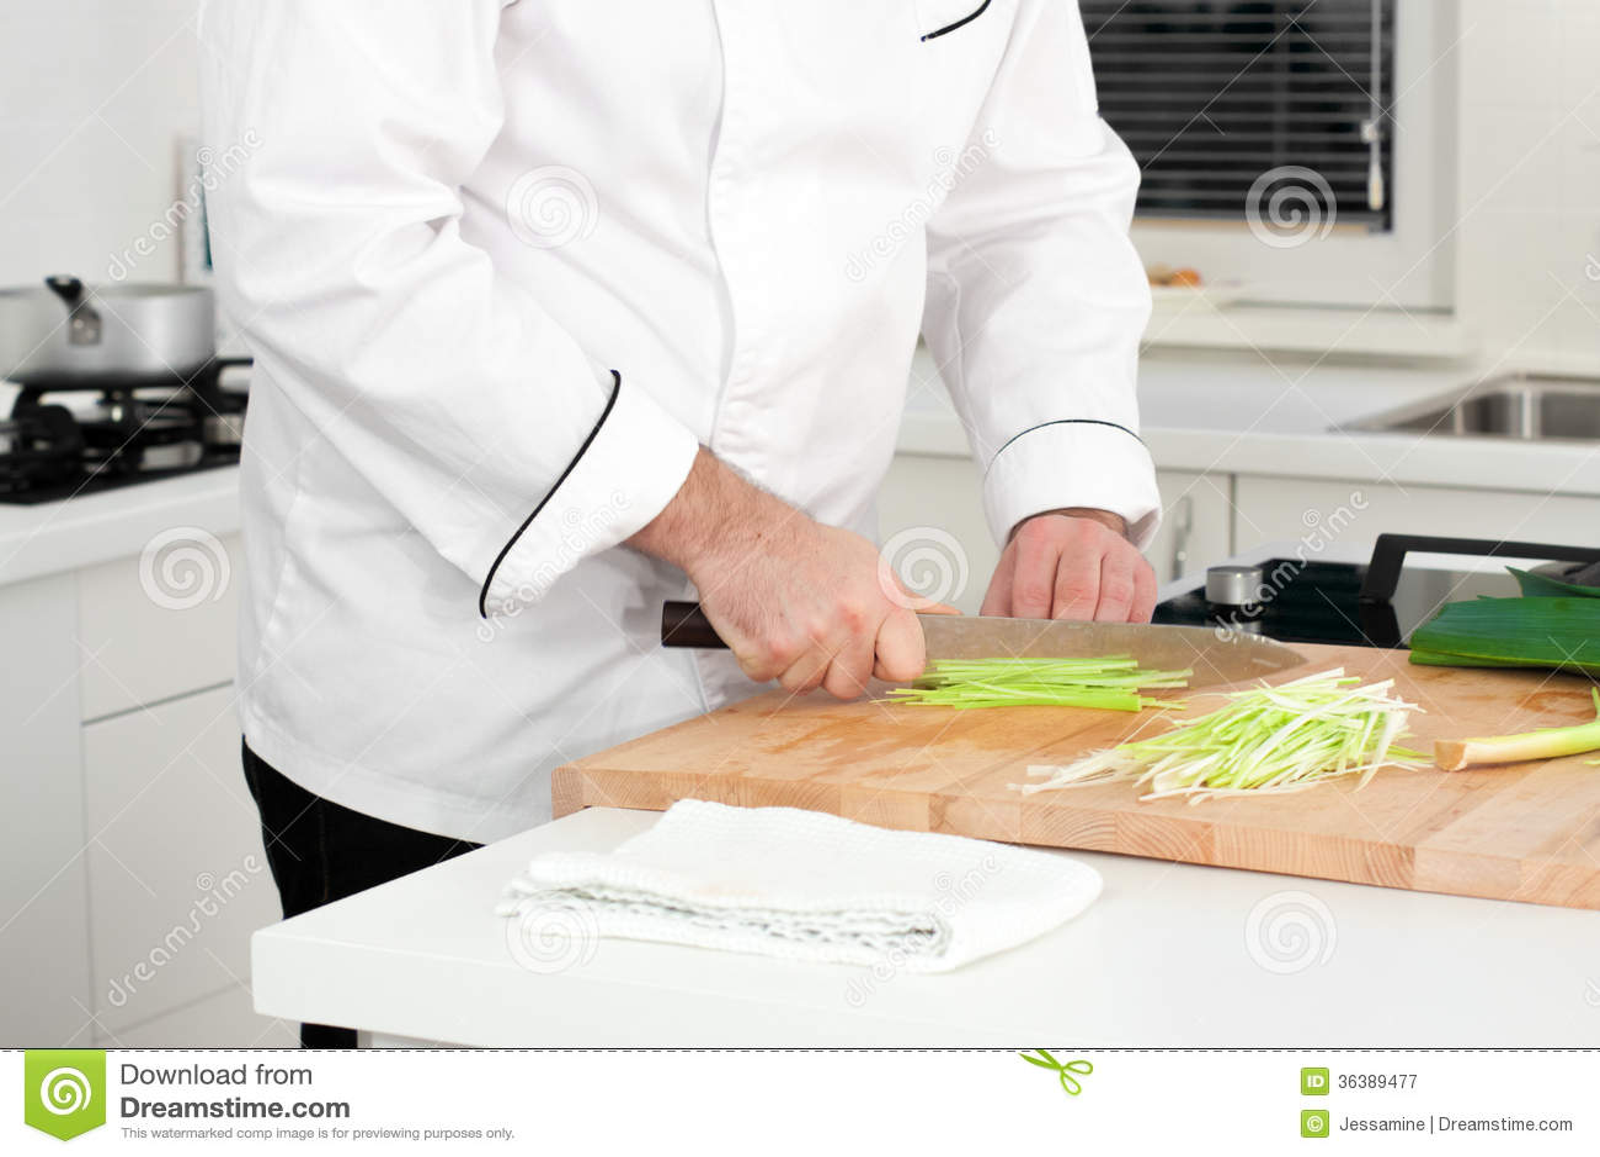 Alho-porro do corte do cozinheiro chefe